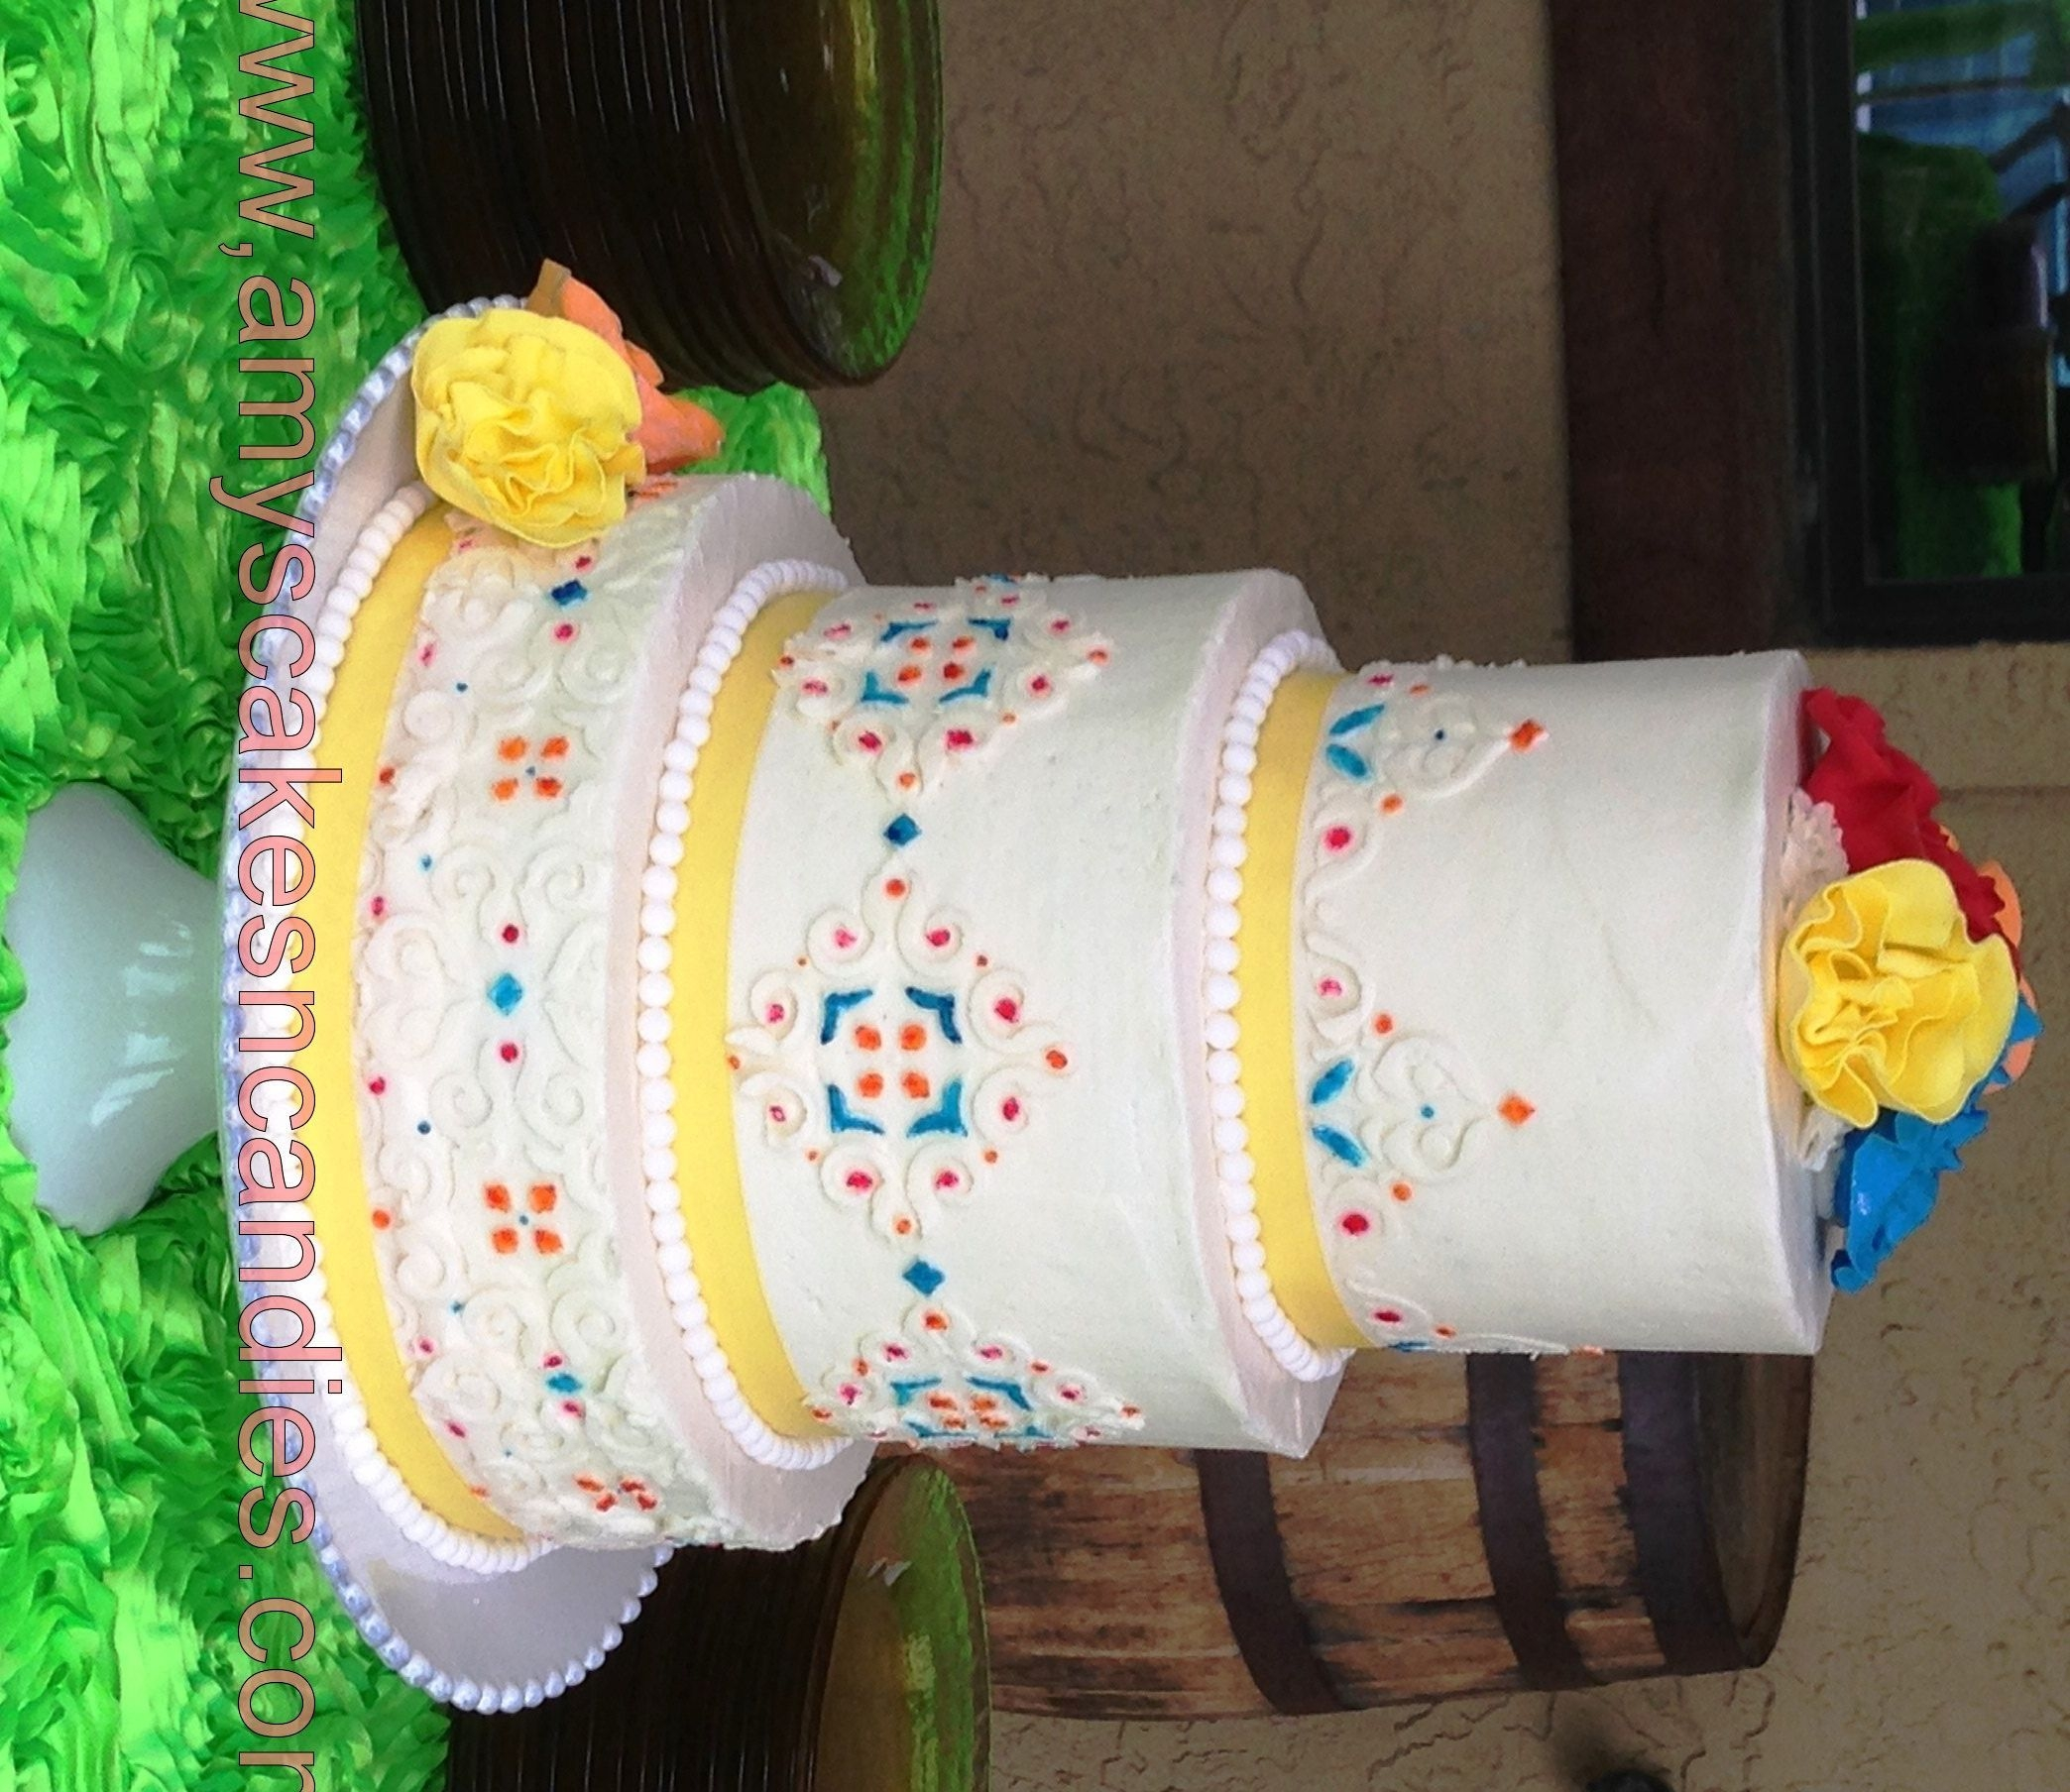 Cinco De Mayo Wedding Cake - CakeCentral.com